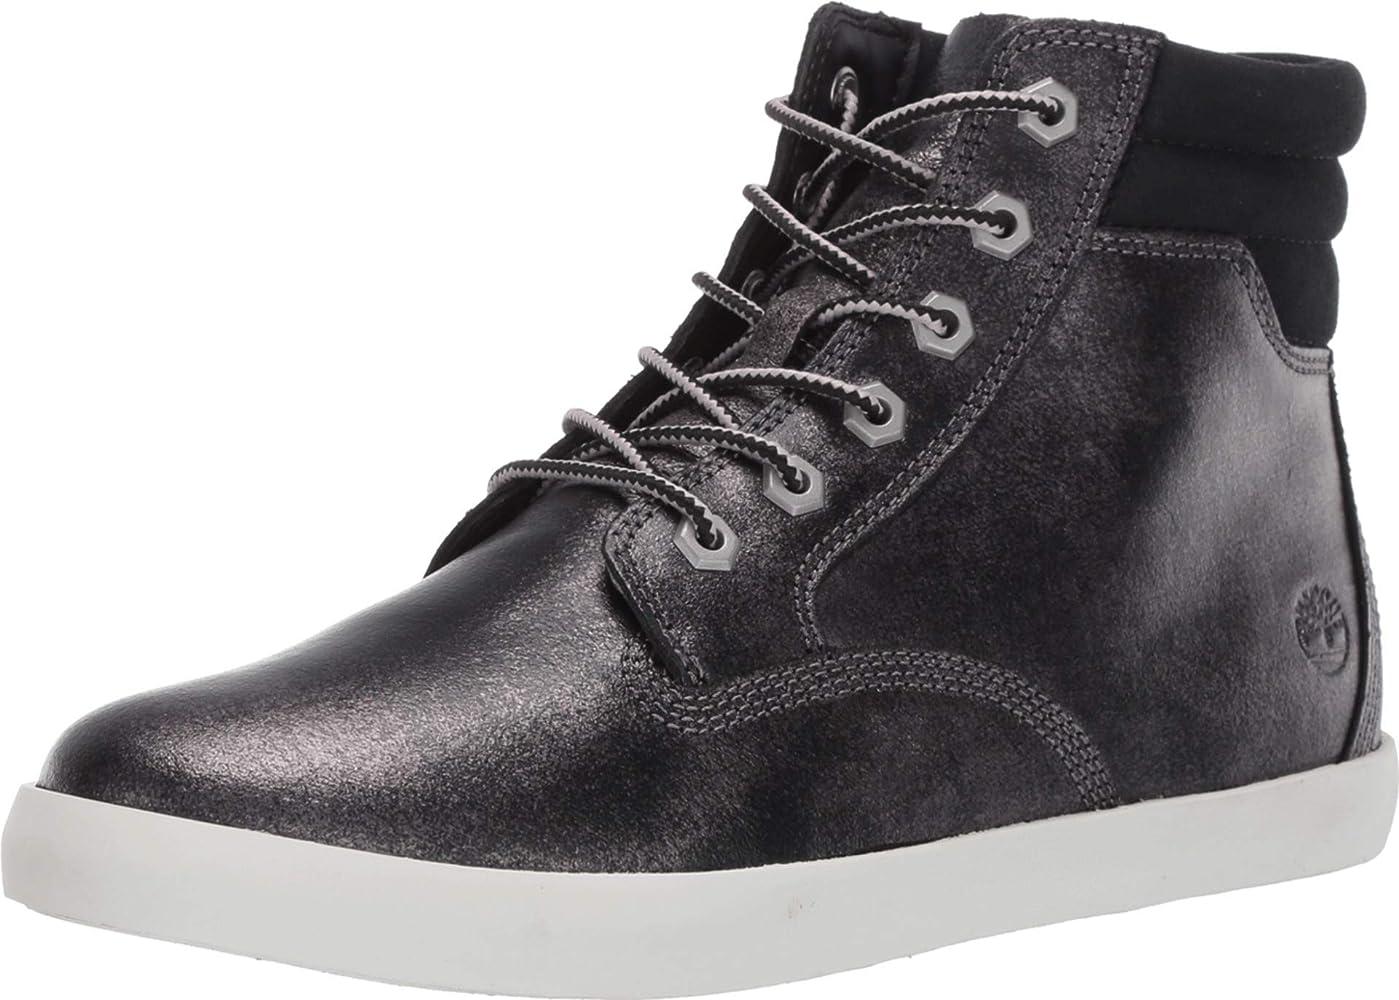 Timberland Dausette Sneaker Boot Black